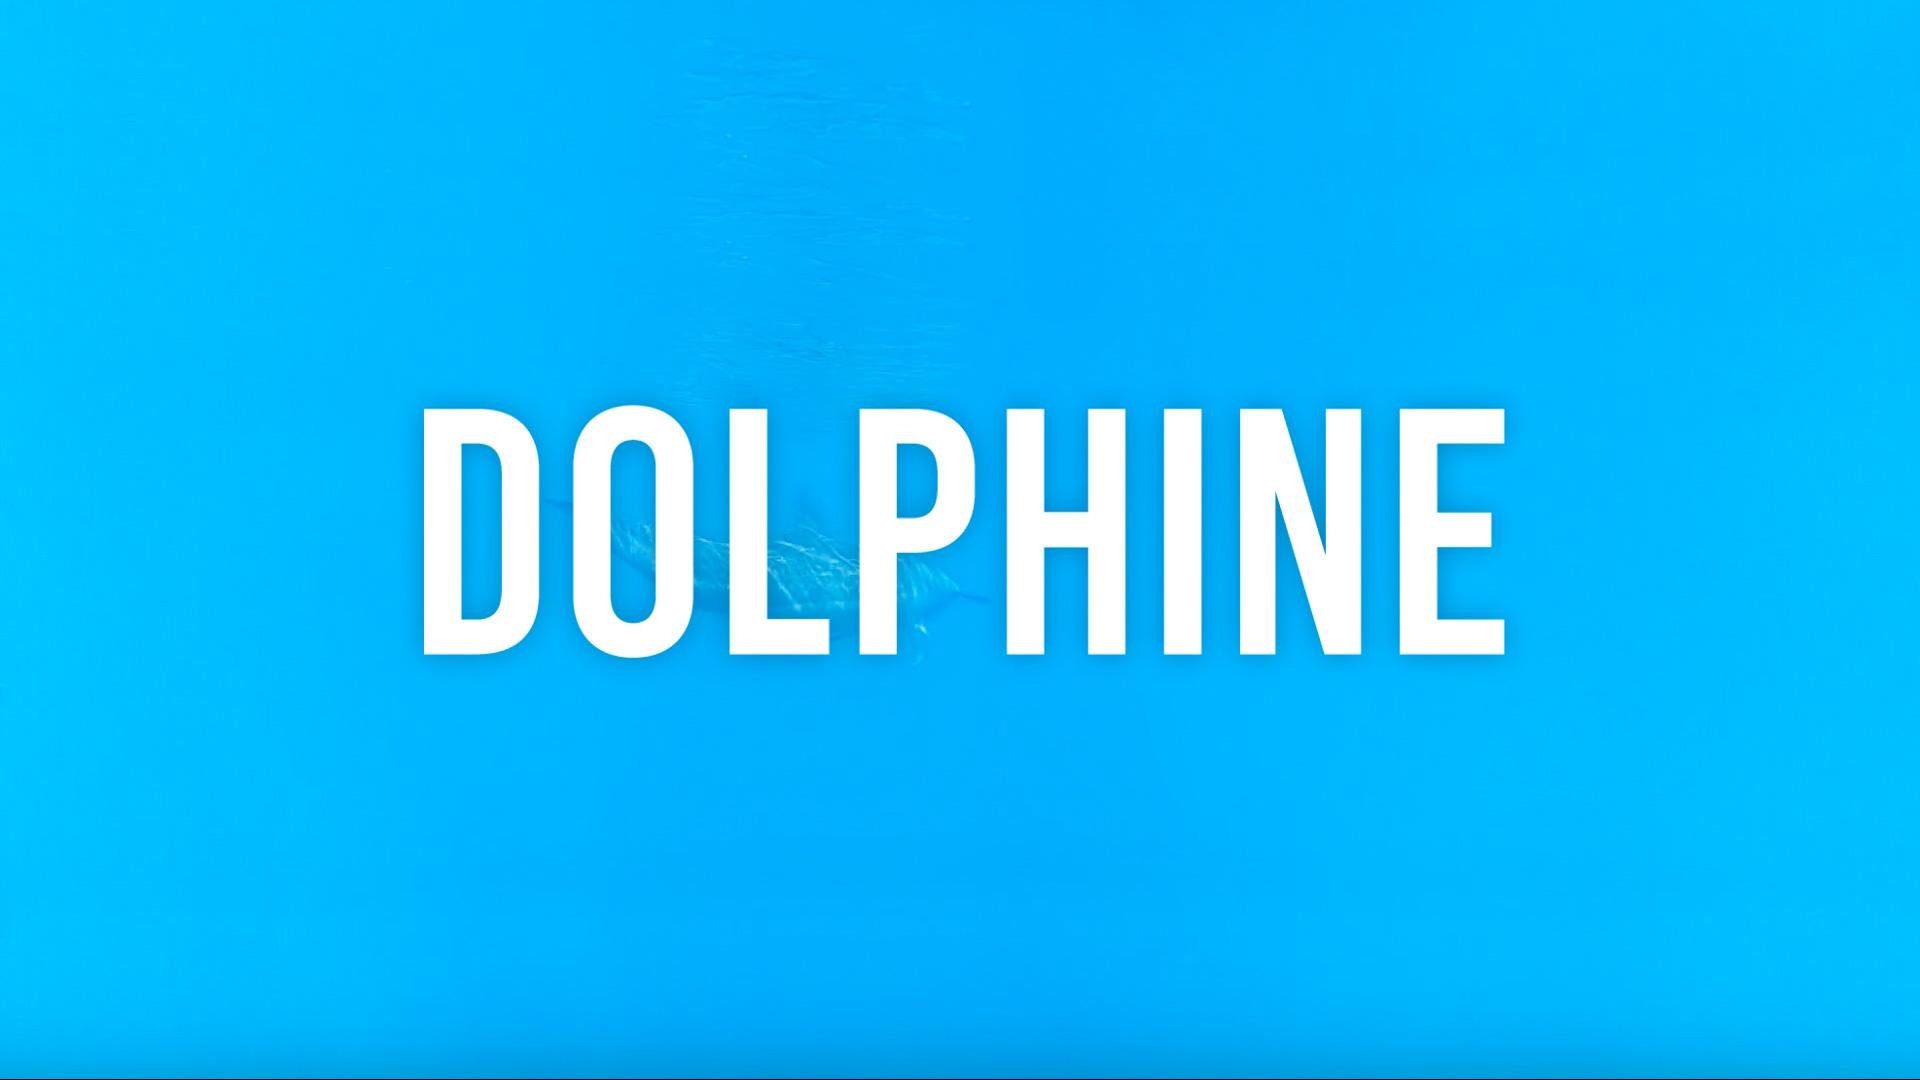 【予告】DOLPHINE